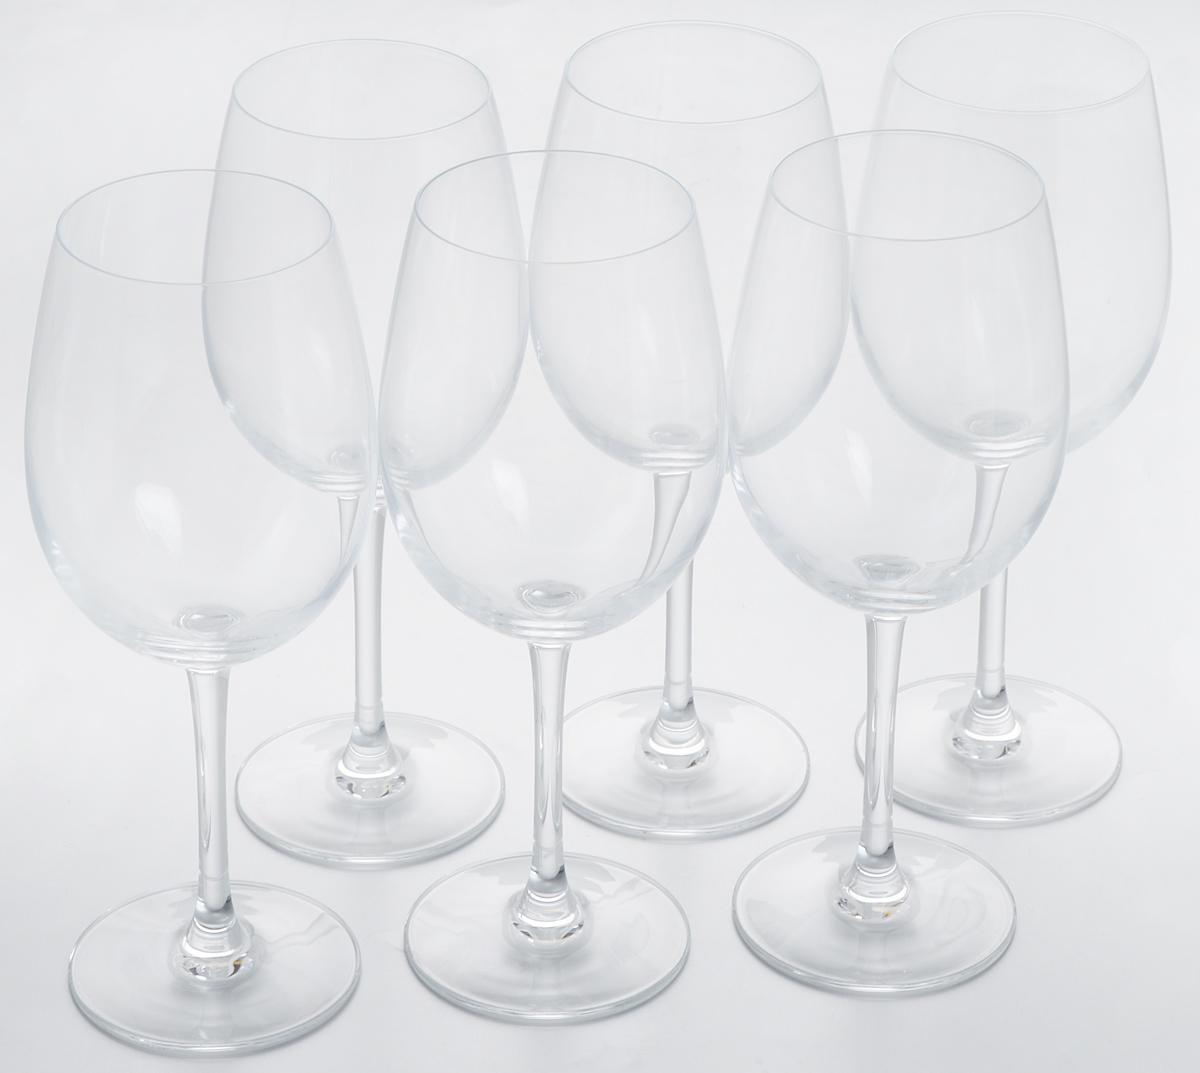 Набор фужеров Luminarc Versailles, 580 мл, 6 штVT-1520(SR)Набор Luminarc Versailles состоит из шести фужеров, выполненныхиз прочного стекла. Изделияоснащены высокими ножками и предназначены для подачи вина. Они сочетают всебе элегантный дизайн и функциональность. Благодаря такому набору пить напитки будет ещевкуснее.Набор фужеров Luminarc Versailles прекрасно оформит праздничный стол и создаст приятнуюатмосферу за романтическим ужином. Такой набор также станет хорошим подарком к любомуслучаю. Можно мыть в посудомоечной машине.Диаметр фужера (по верхнему краю): 7,2 см. Высота фужера: 23 см. Диаметр основания: 8 см.